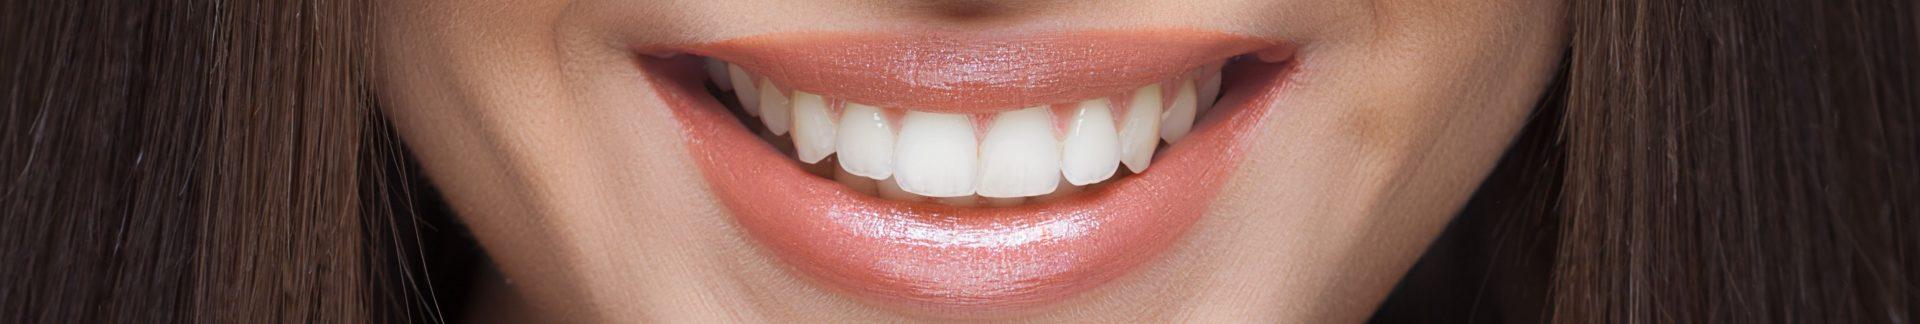 Tabutéma: a rossz szájszag | TermészetGyógyász Magazin